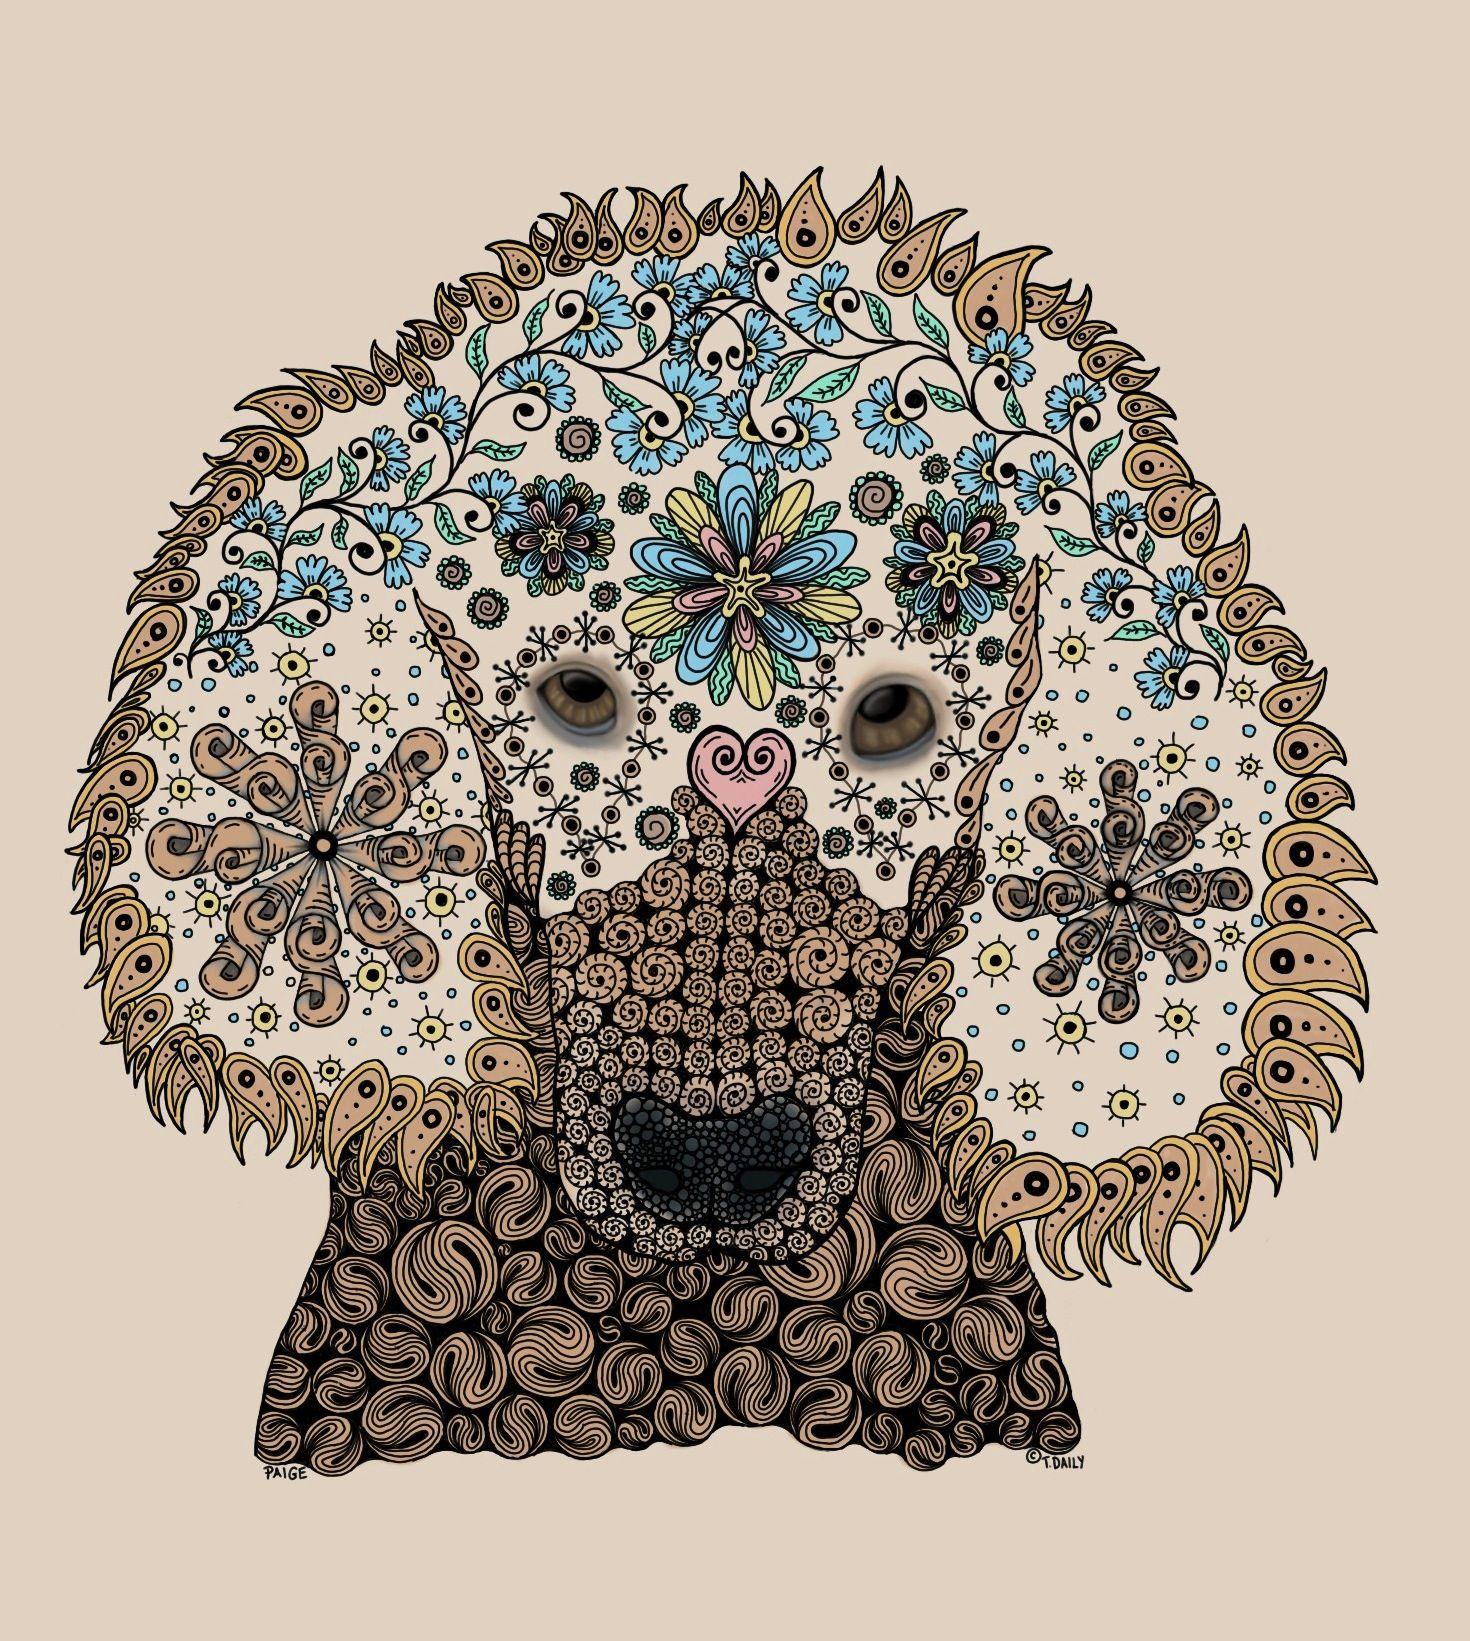 Paige - Zentangle Poodle   Zentangle pins   Pinterest   Doodle ...